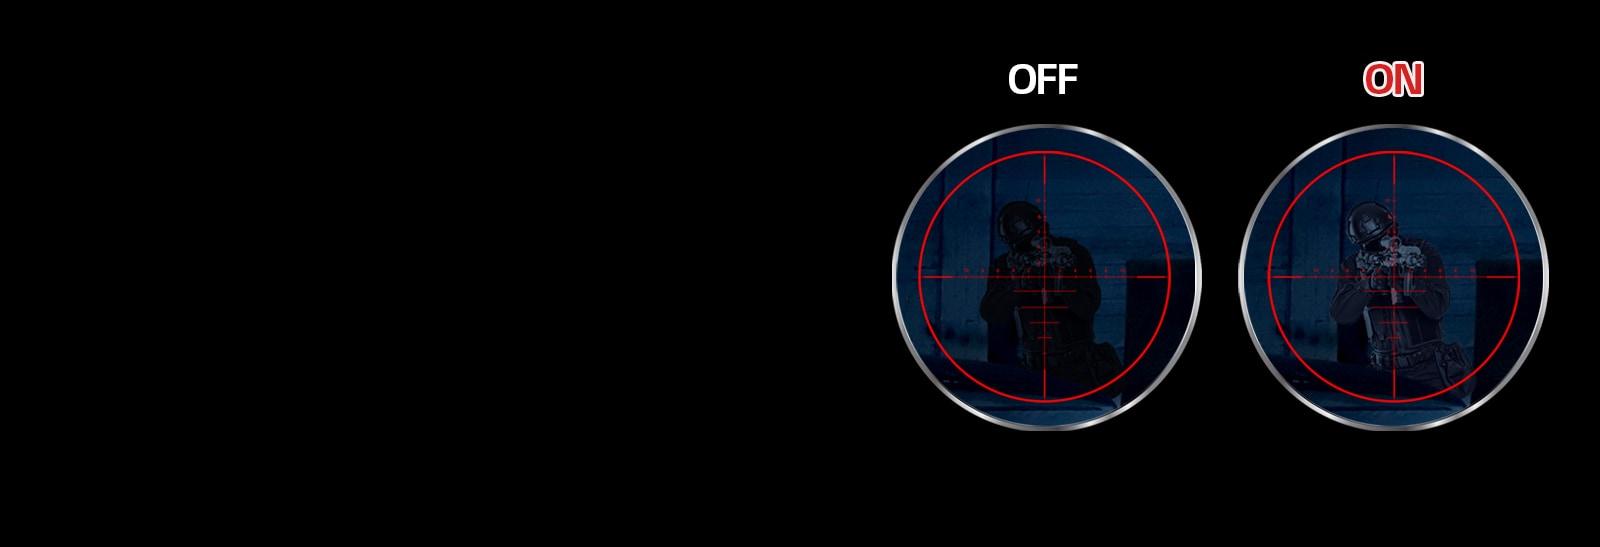 Detecta al enemigo con visión nocturna1